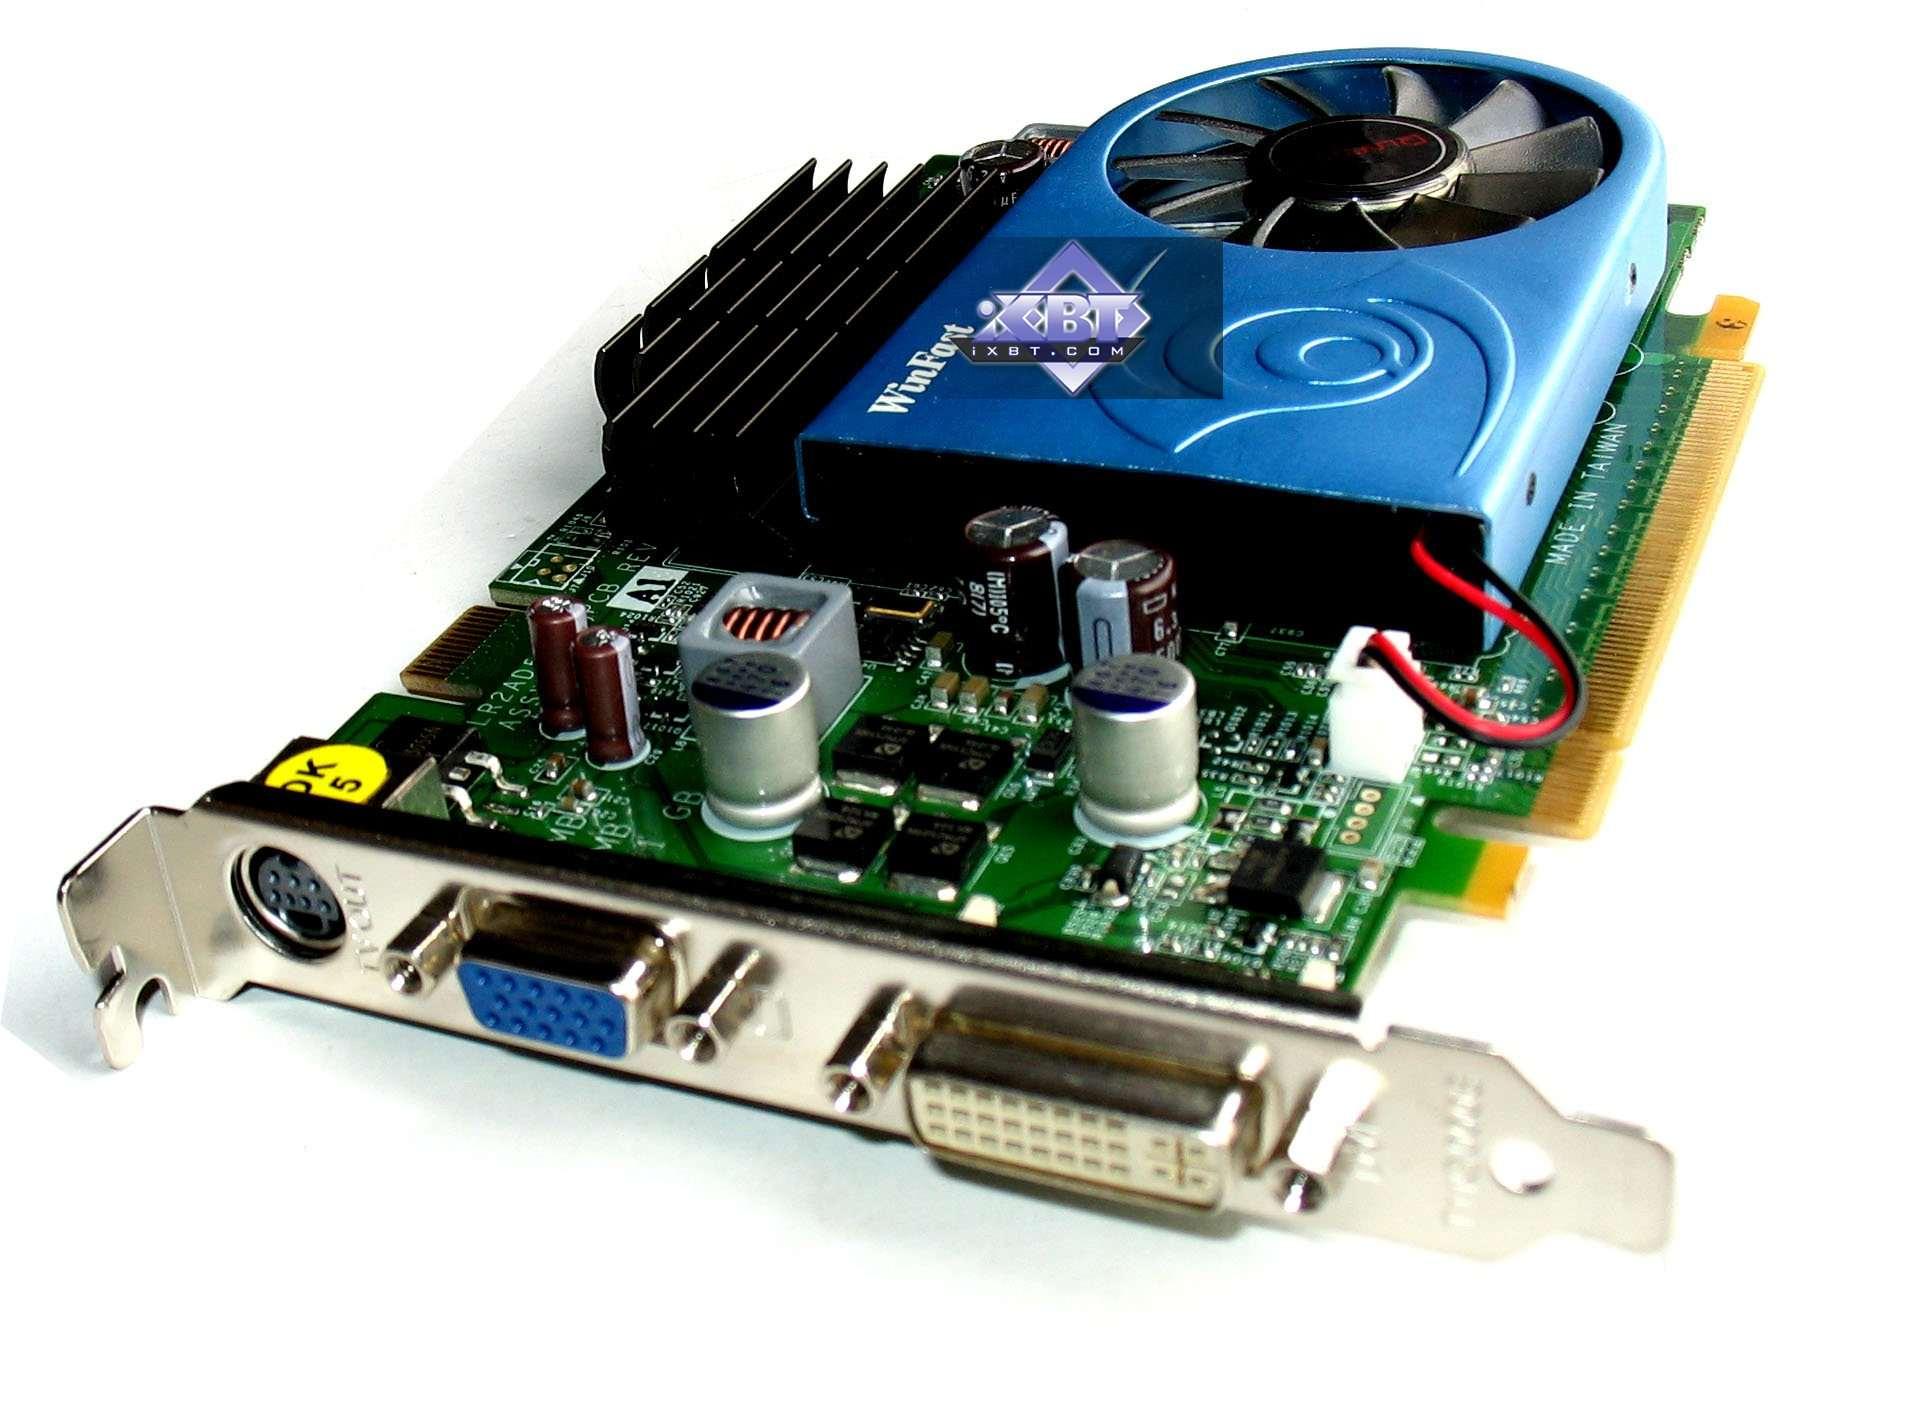 iXBT Labs - Leadtek GeForce 9500GT, 9800 GTX+, GTX 260/280